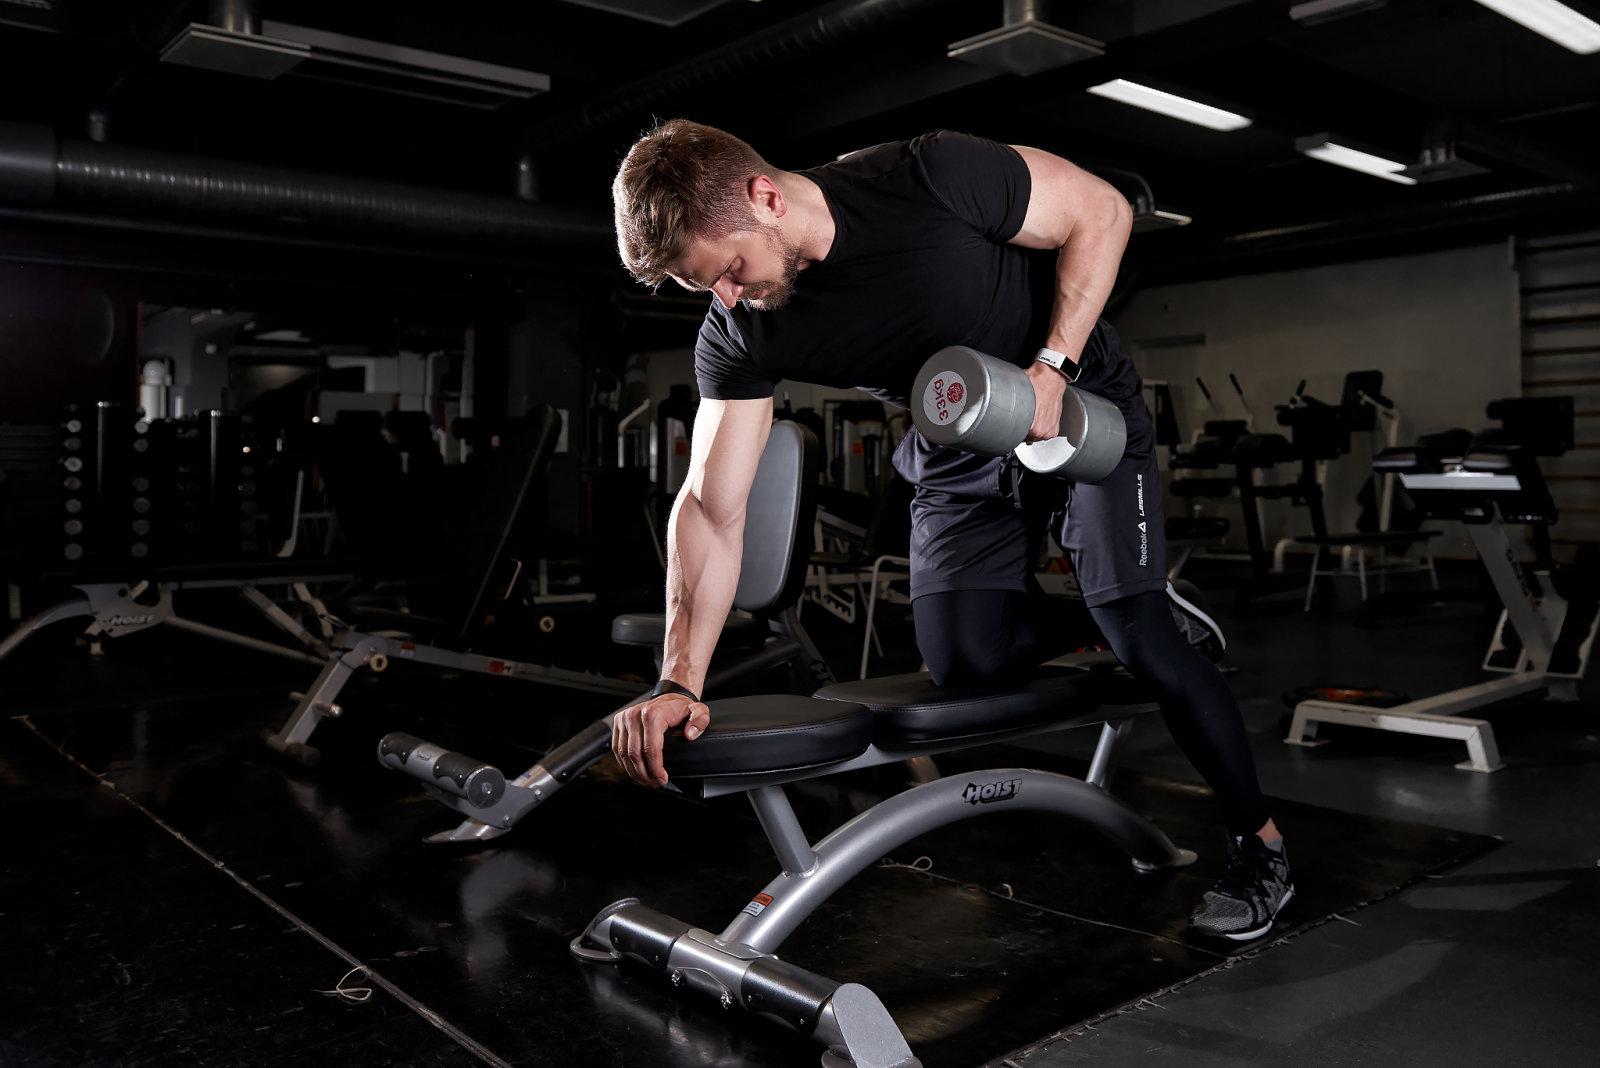 poletavad lihased ei rasva nhs tervislik toitumise kaalulangus